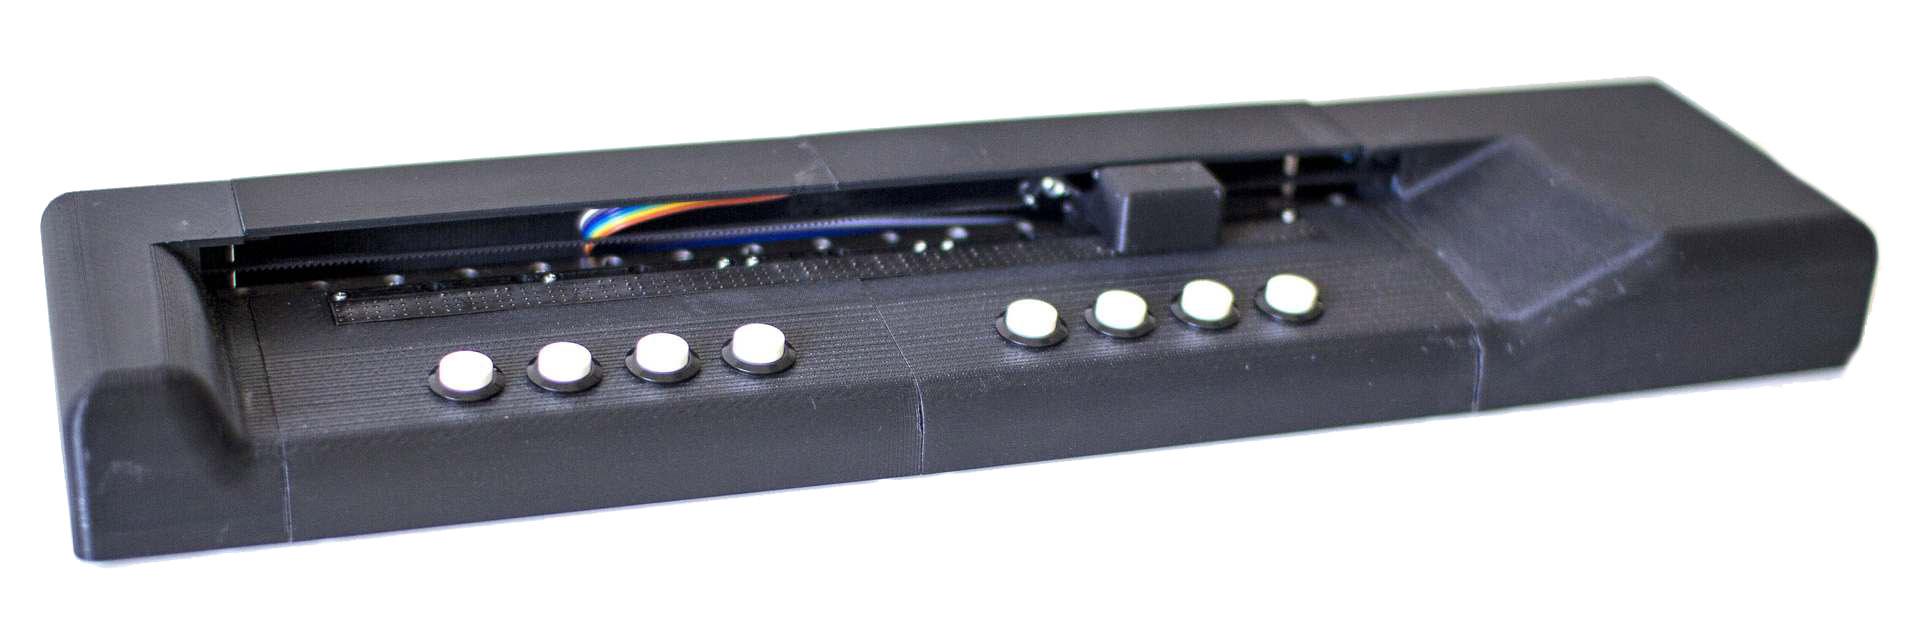 BrailleLab019